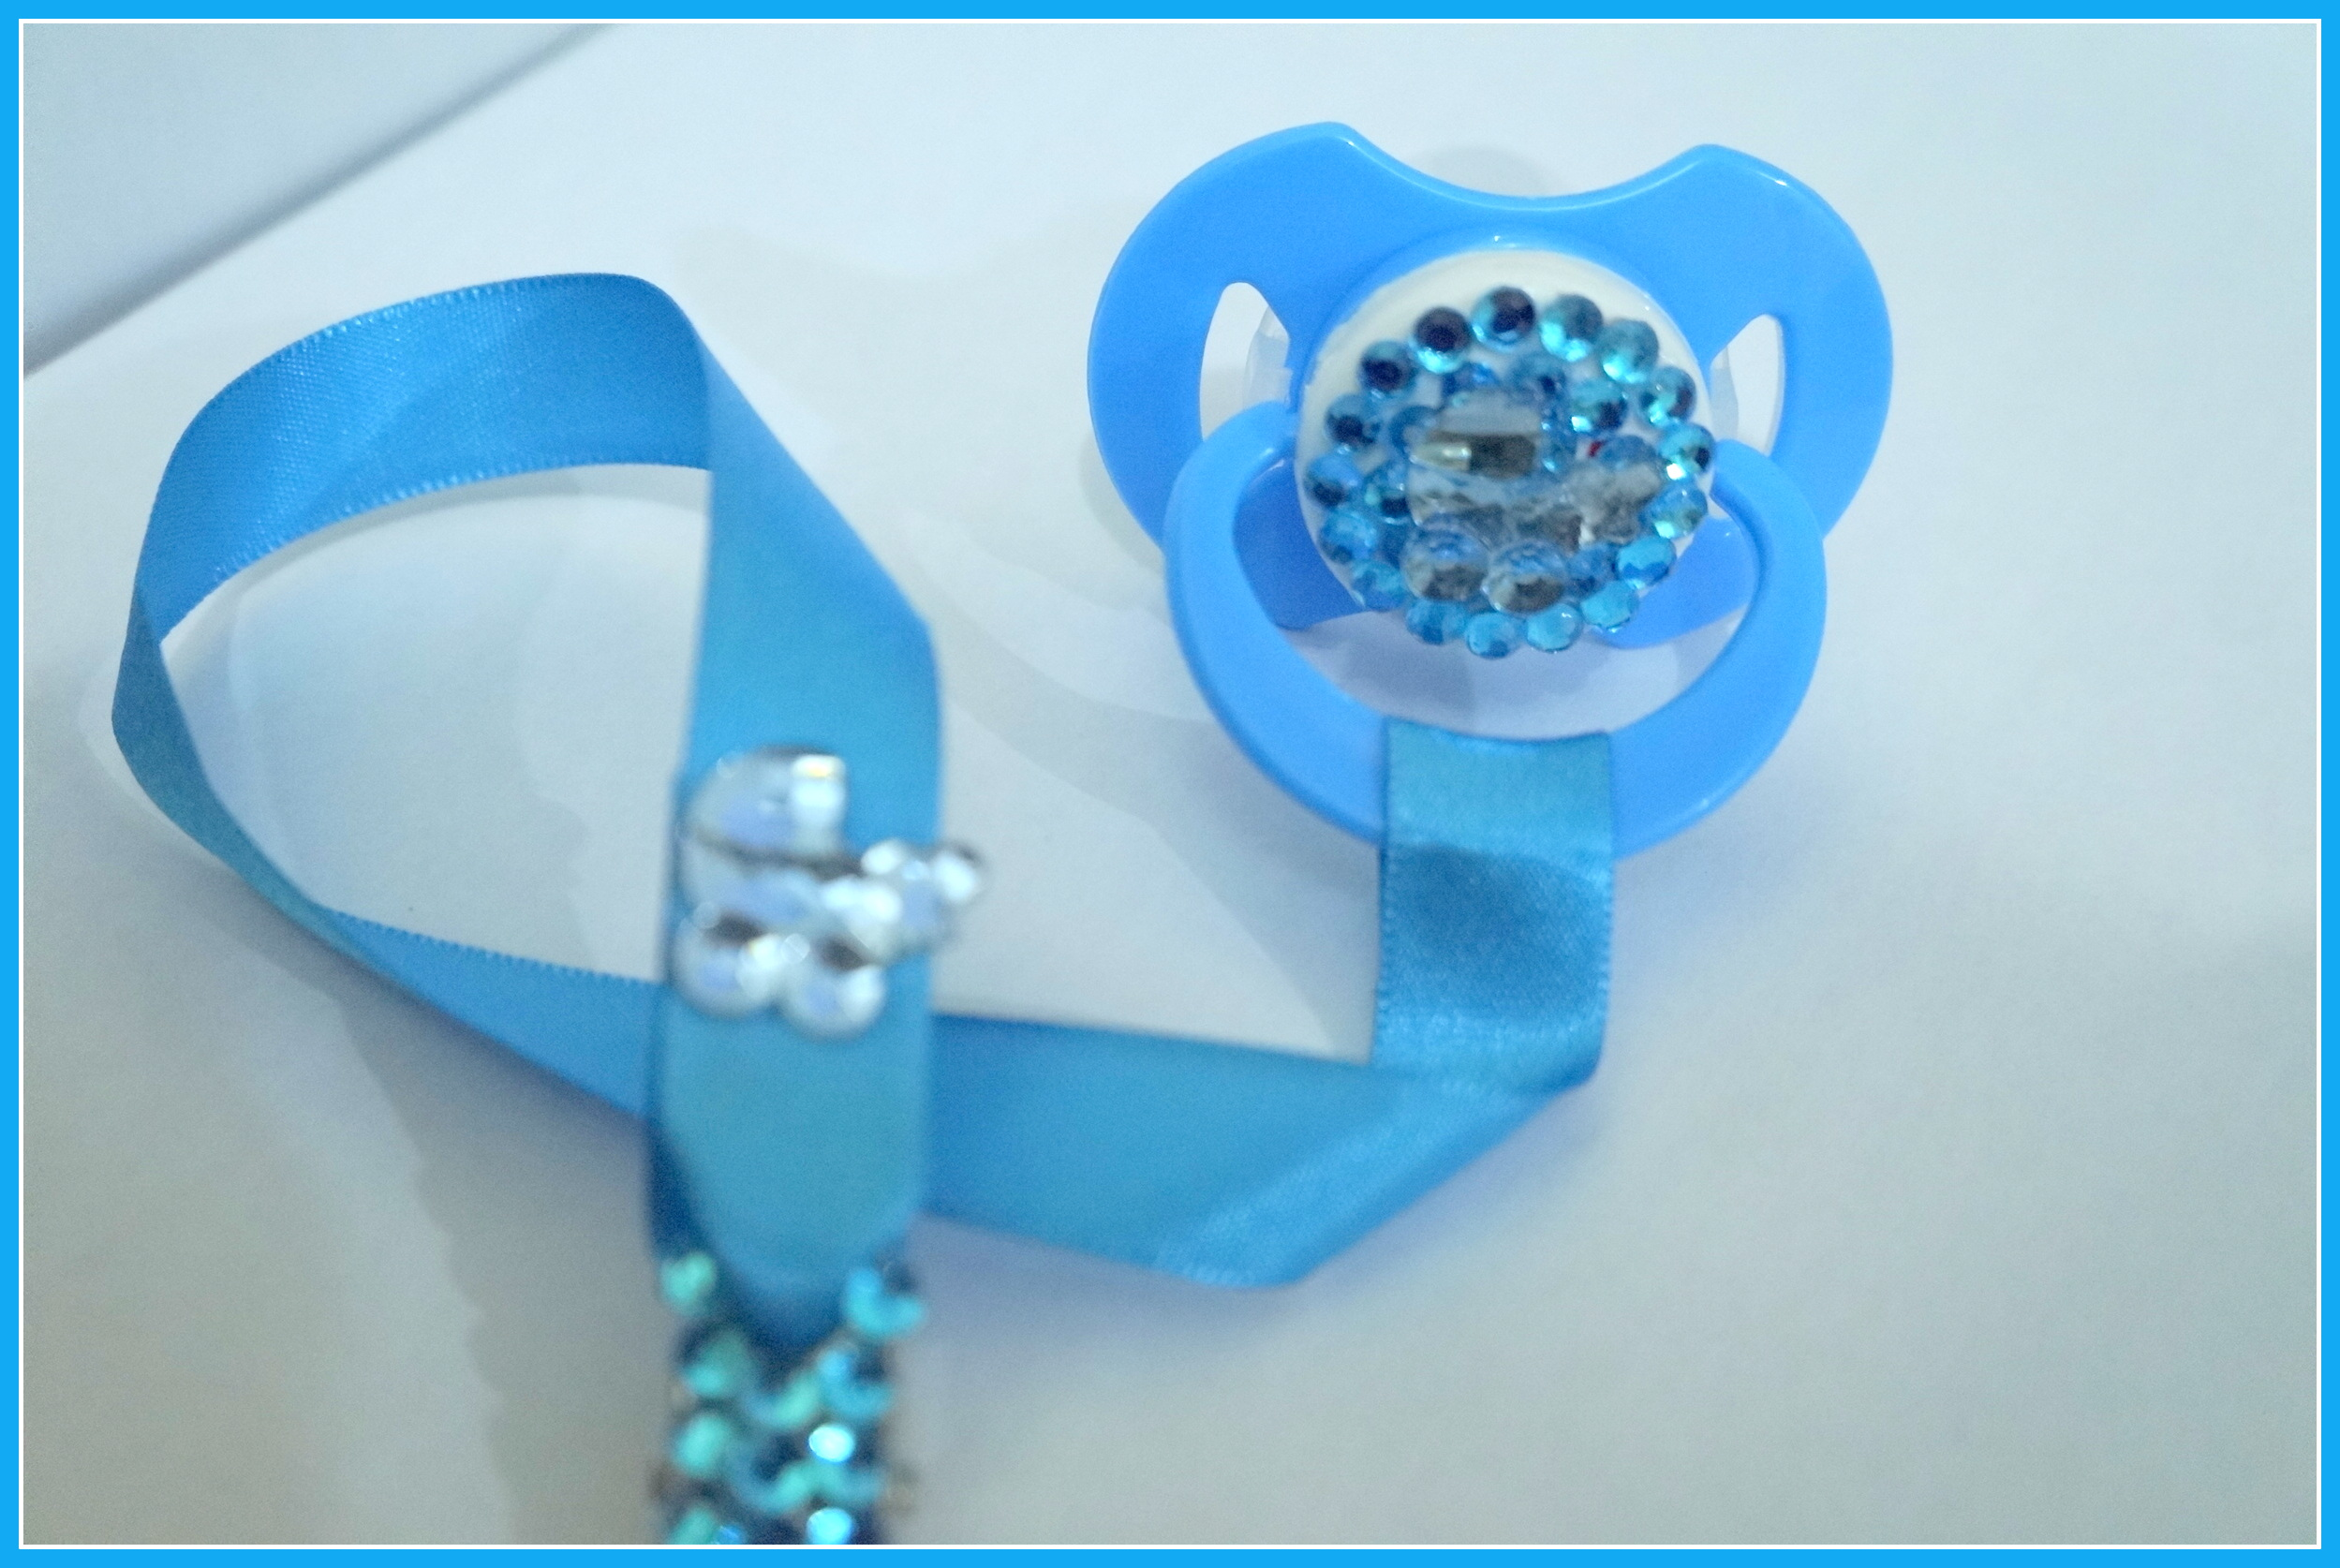 chupetas e acessorios de luxo bebe chupetas e acessorios de luxo  #0C7BBF 2498x1674 Acessorios De Banheiro De Luxo